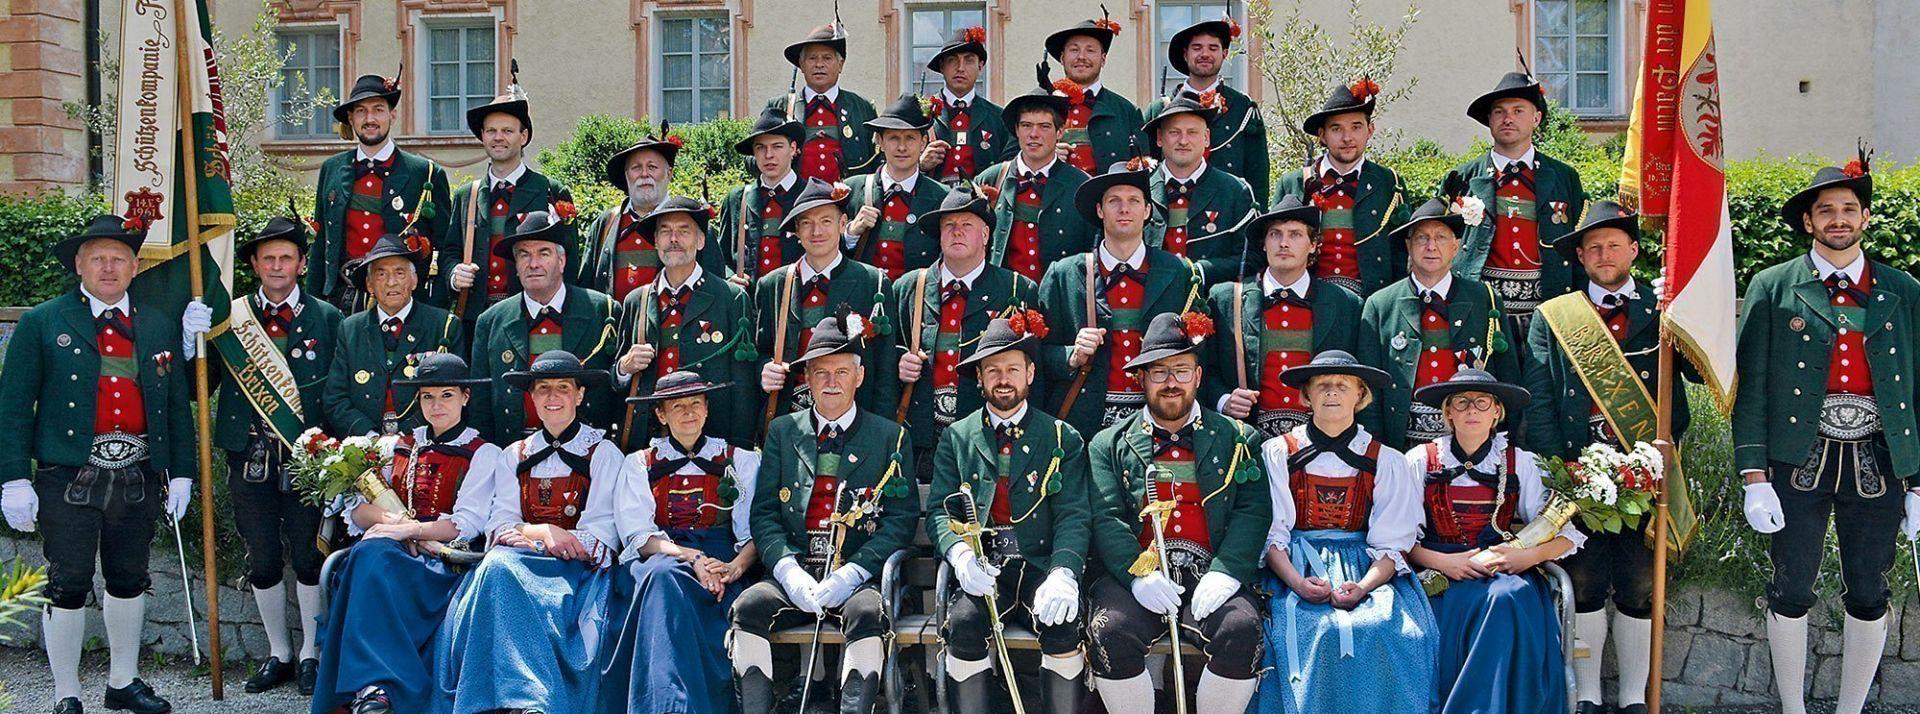 Schützenkompanie Peter Mayr Brixen